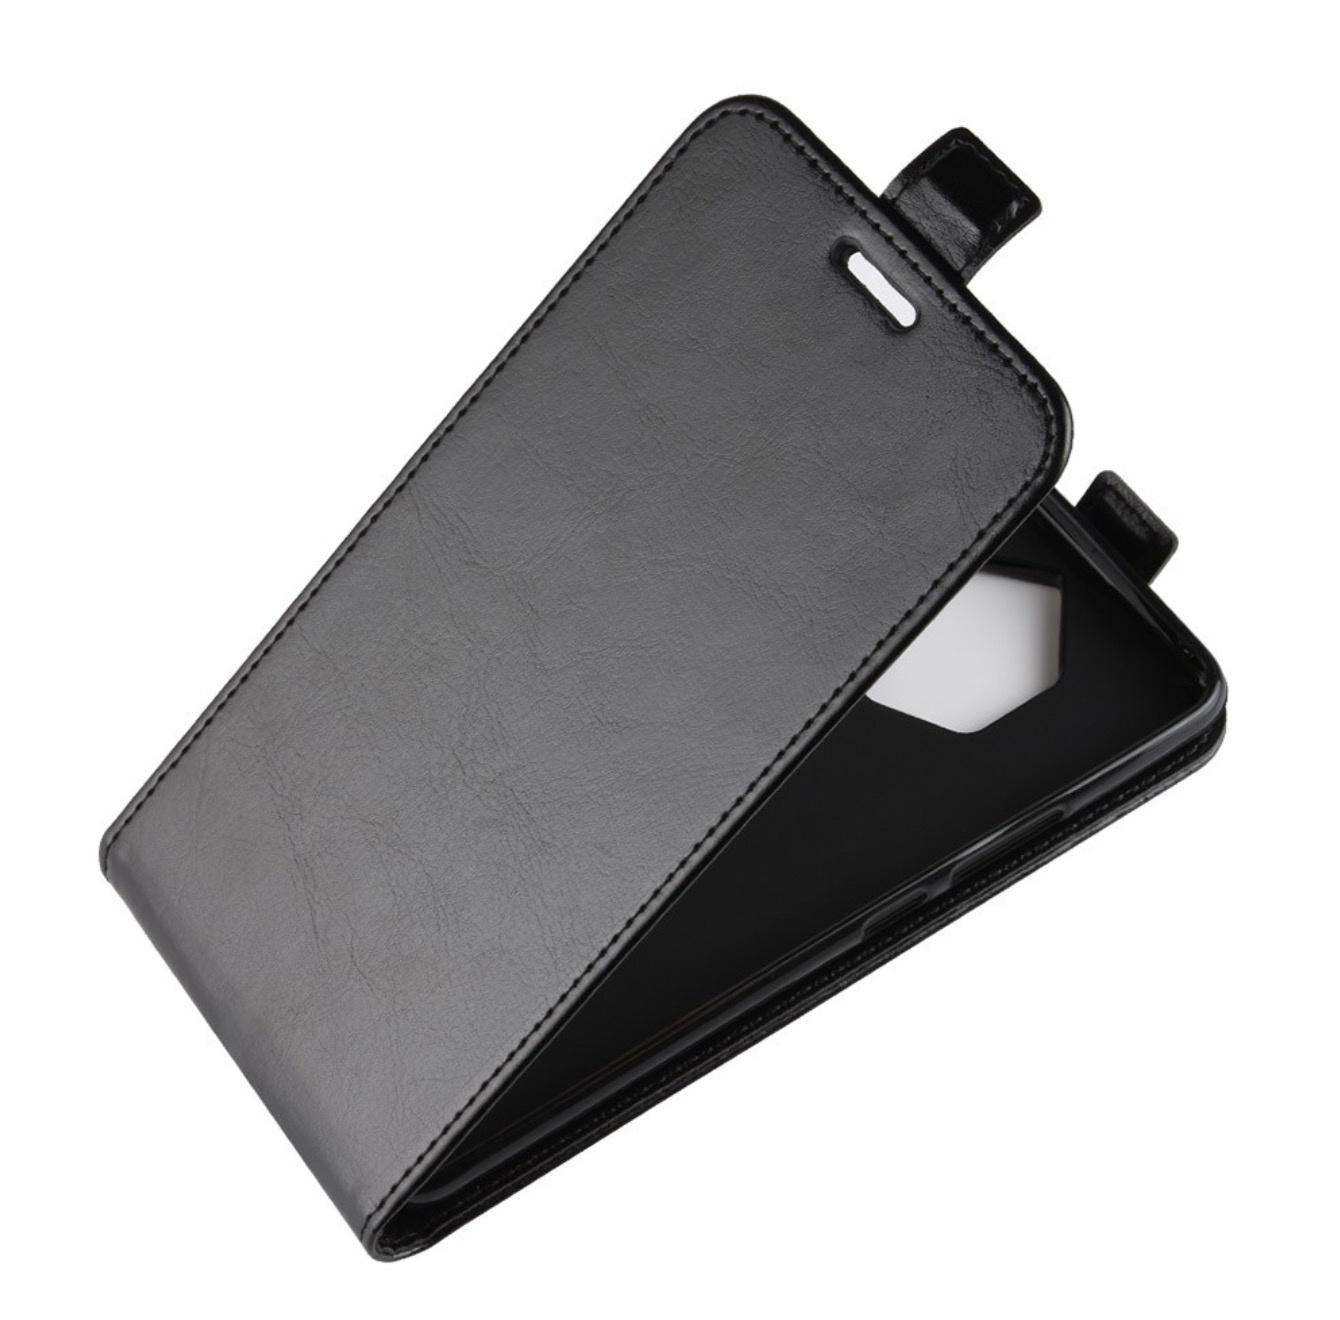 Чехол-флип MyPads для Micromax A69 Bolt вертикальный откидной черный все цены